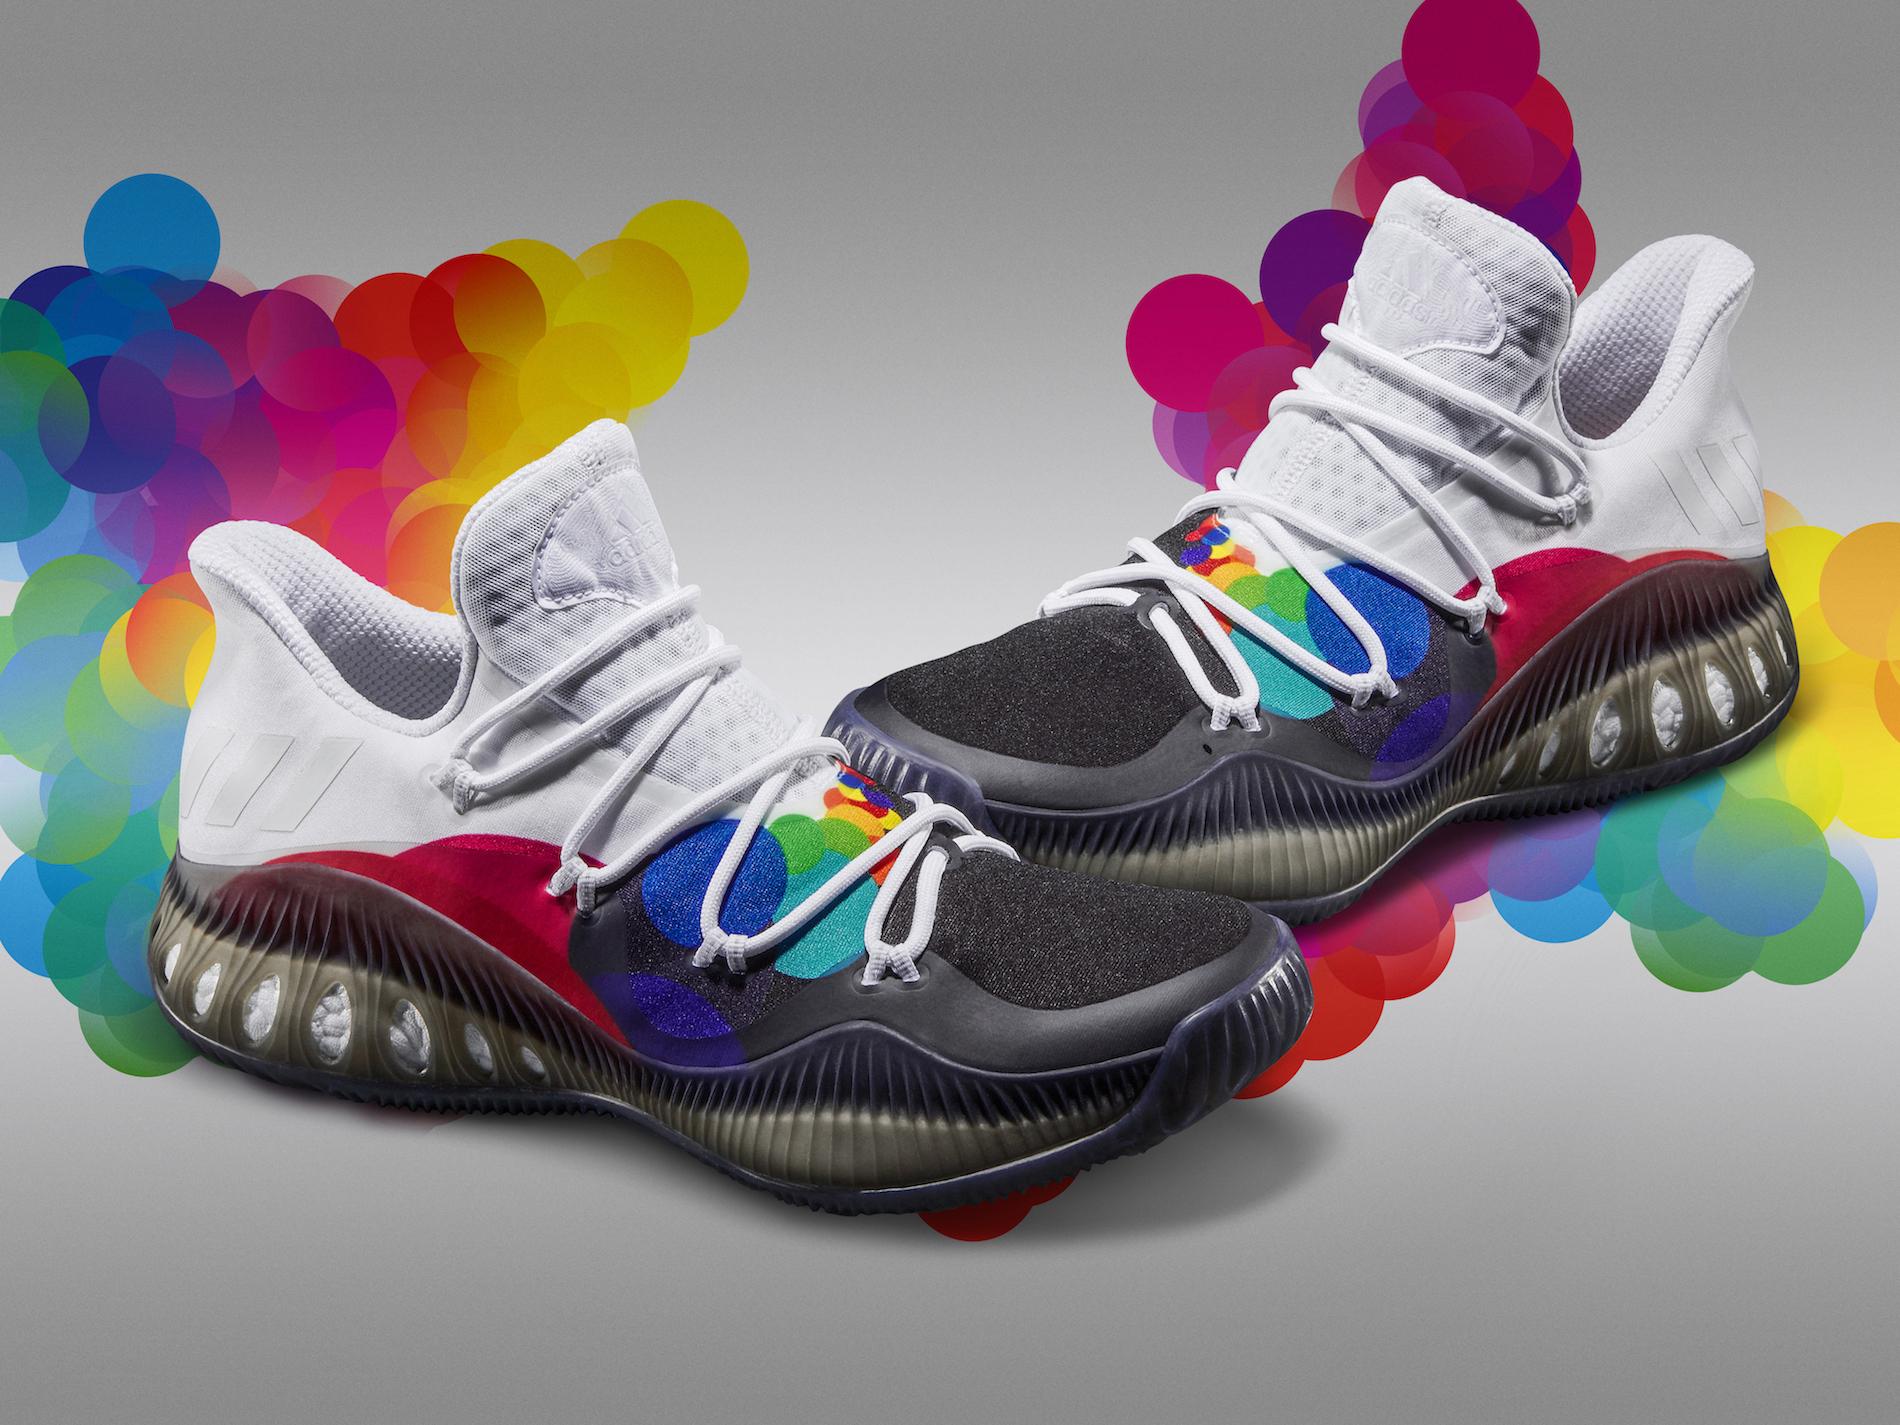 adidas Crazy Explosive Low Trainers Zapatillas Deportivas para Interior para Hombre